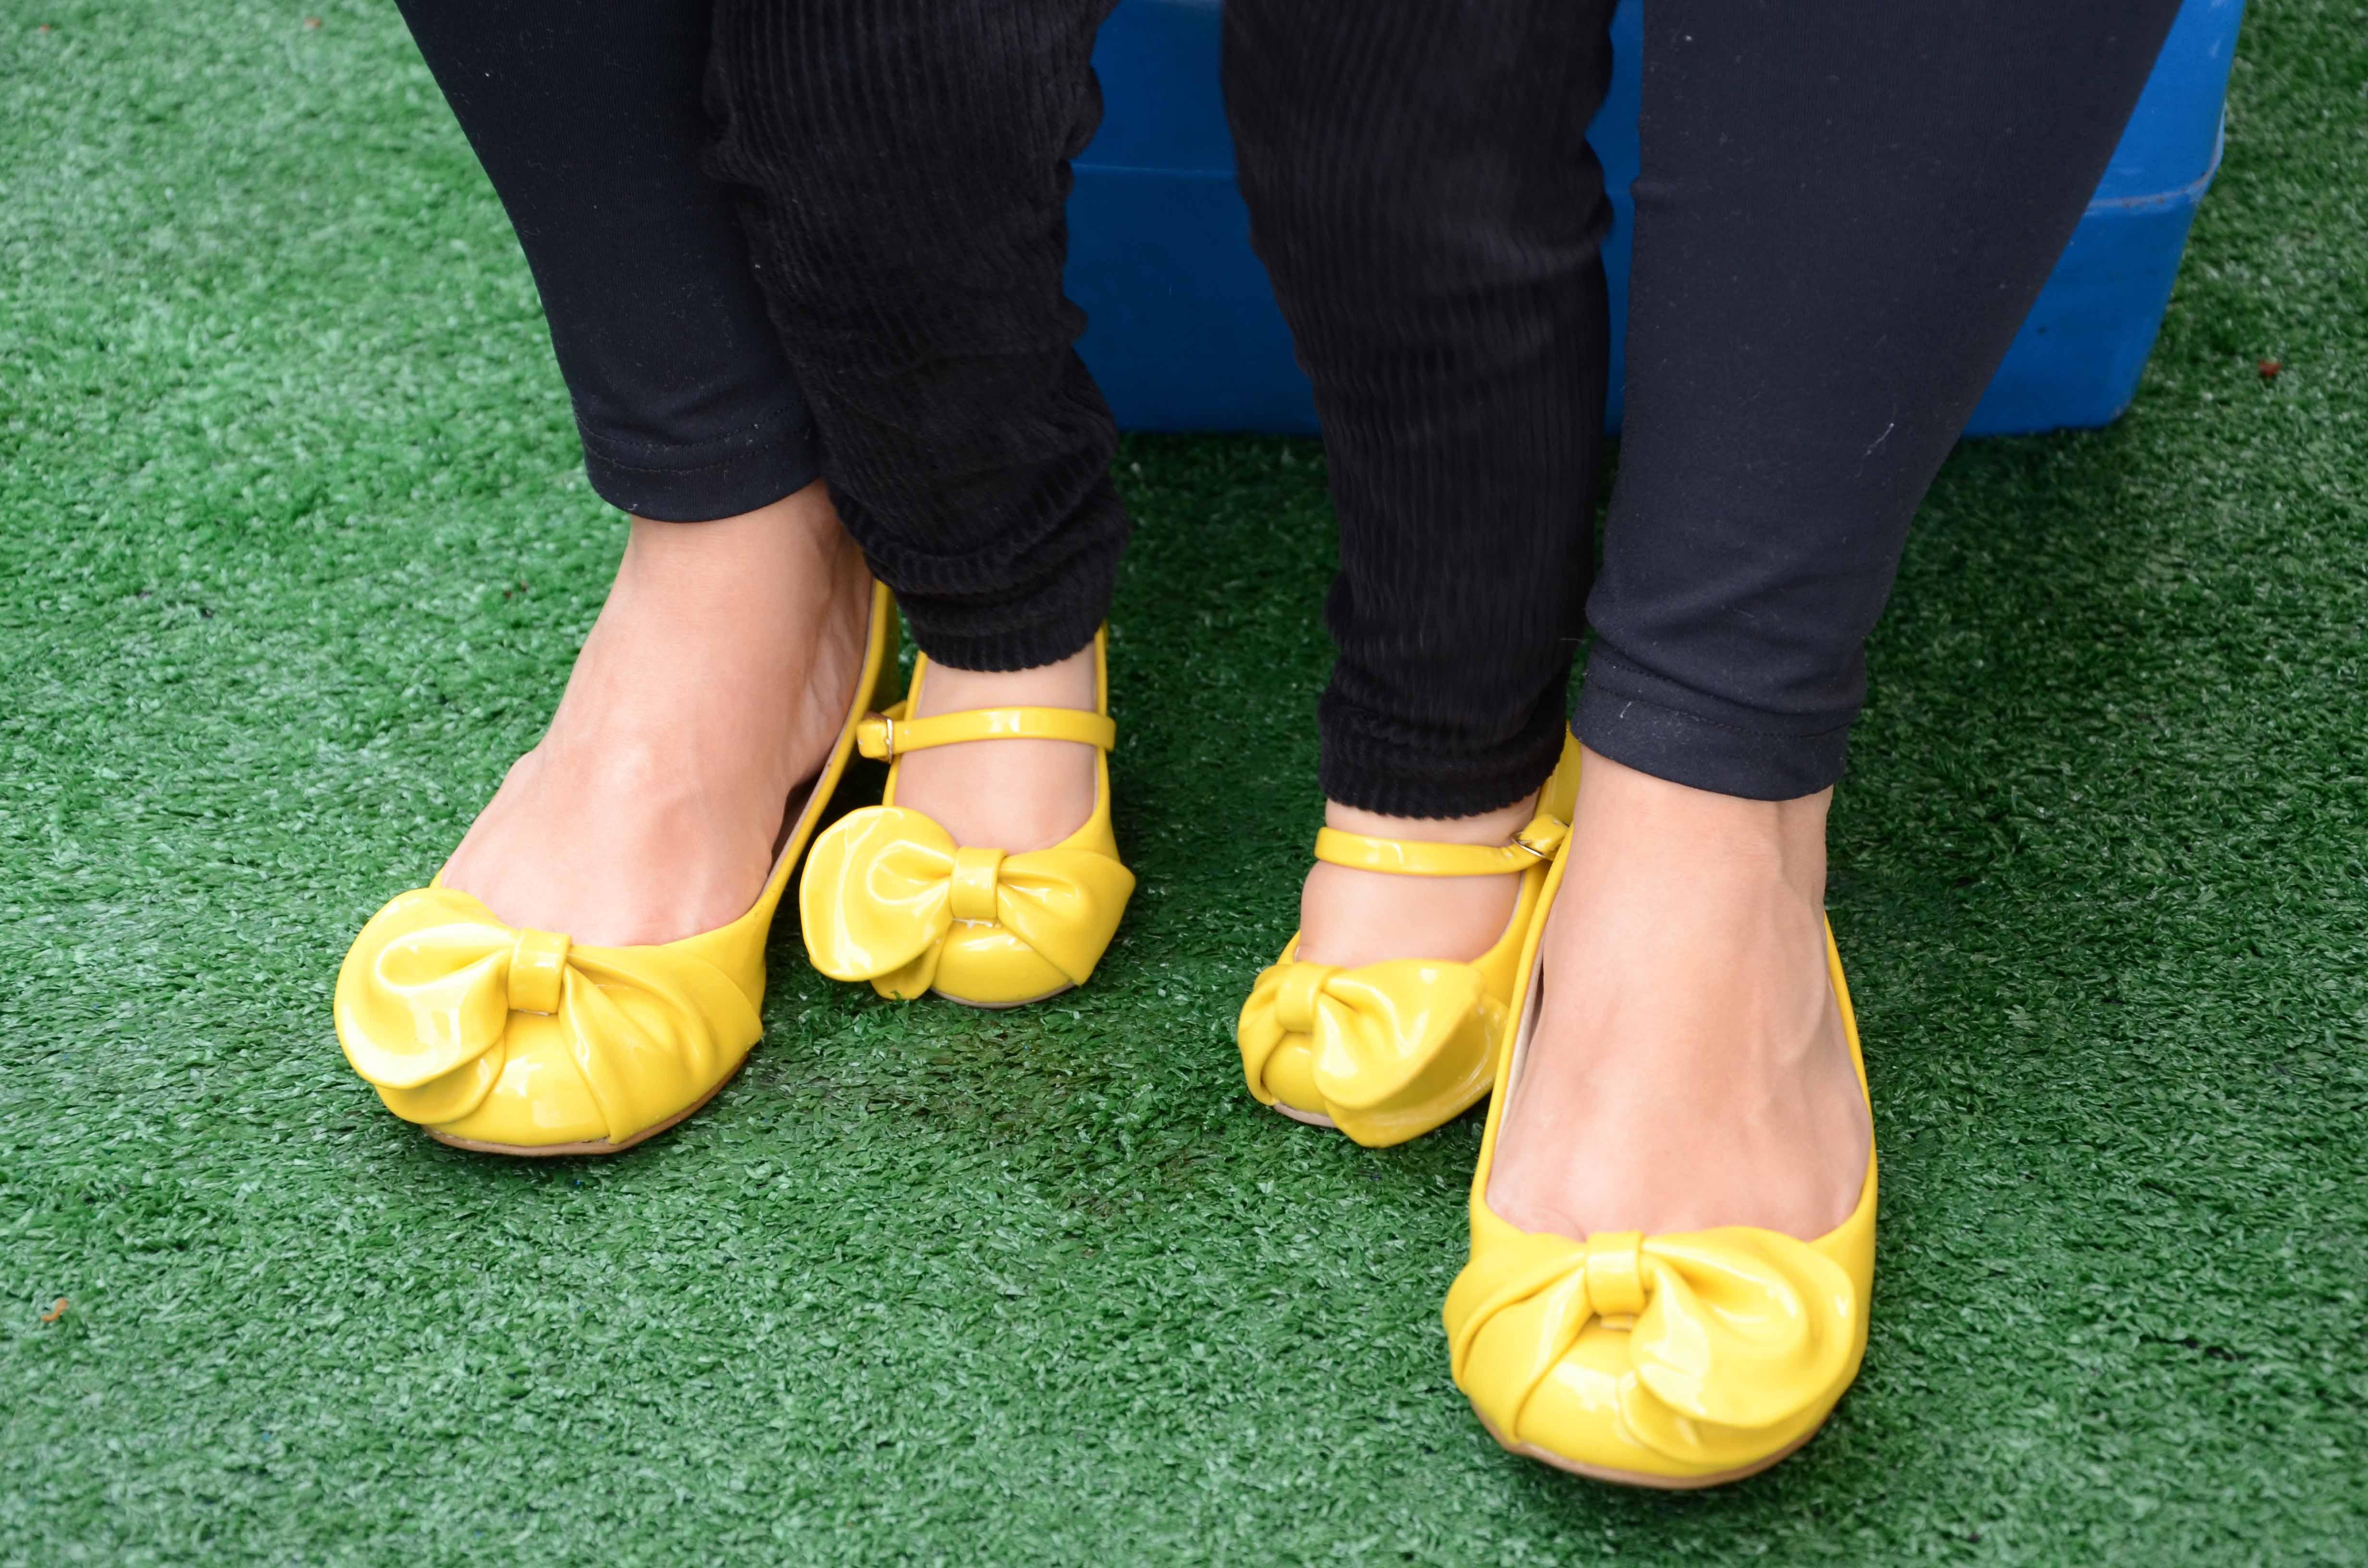 b77b22bb954 Loja vende sapatos iguais para mães e filhas